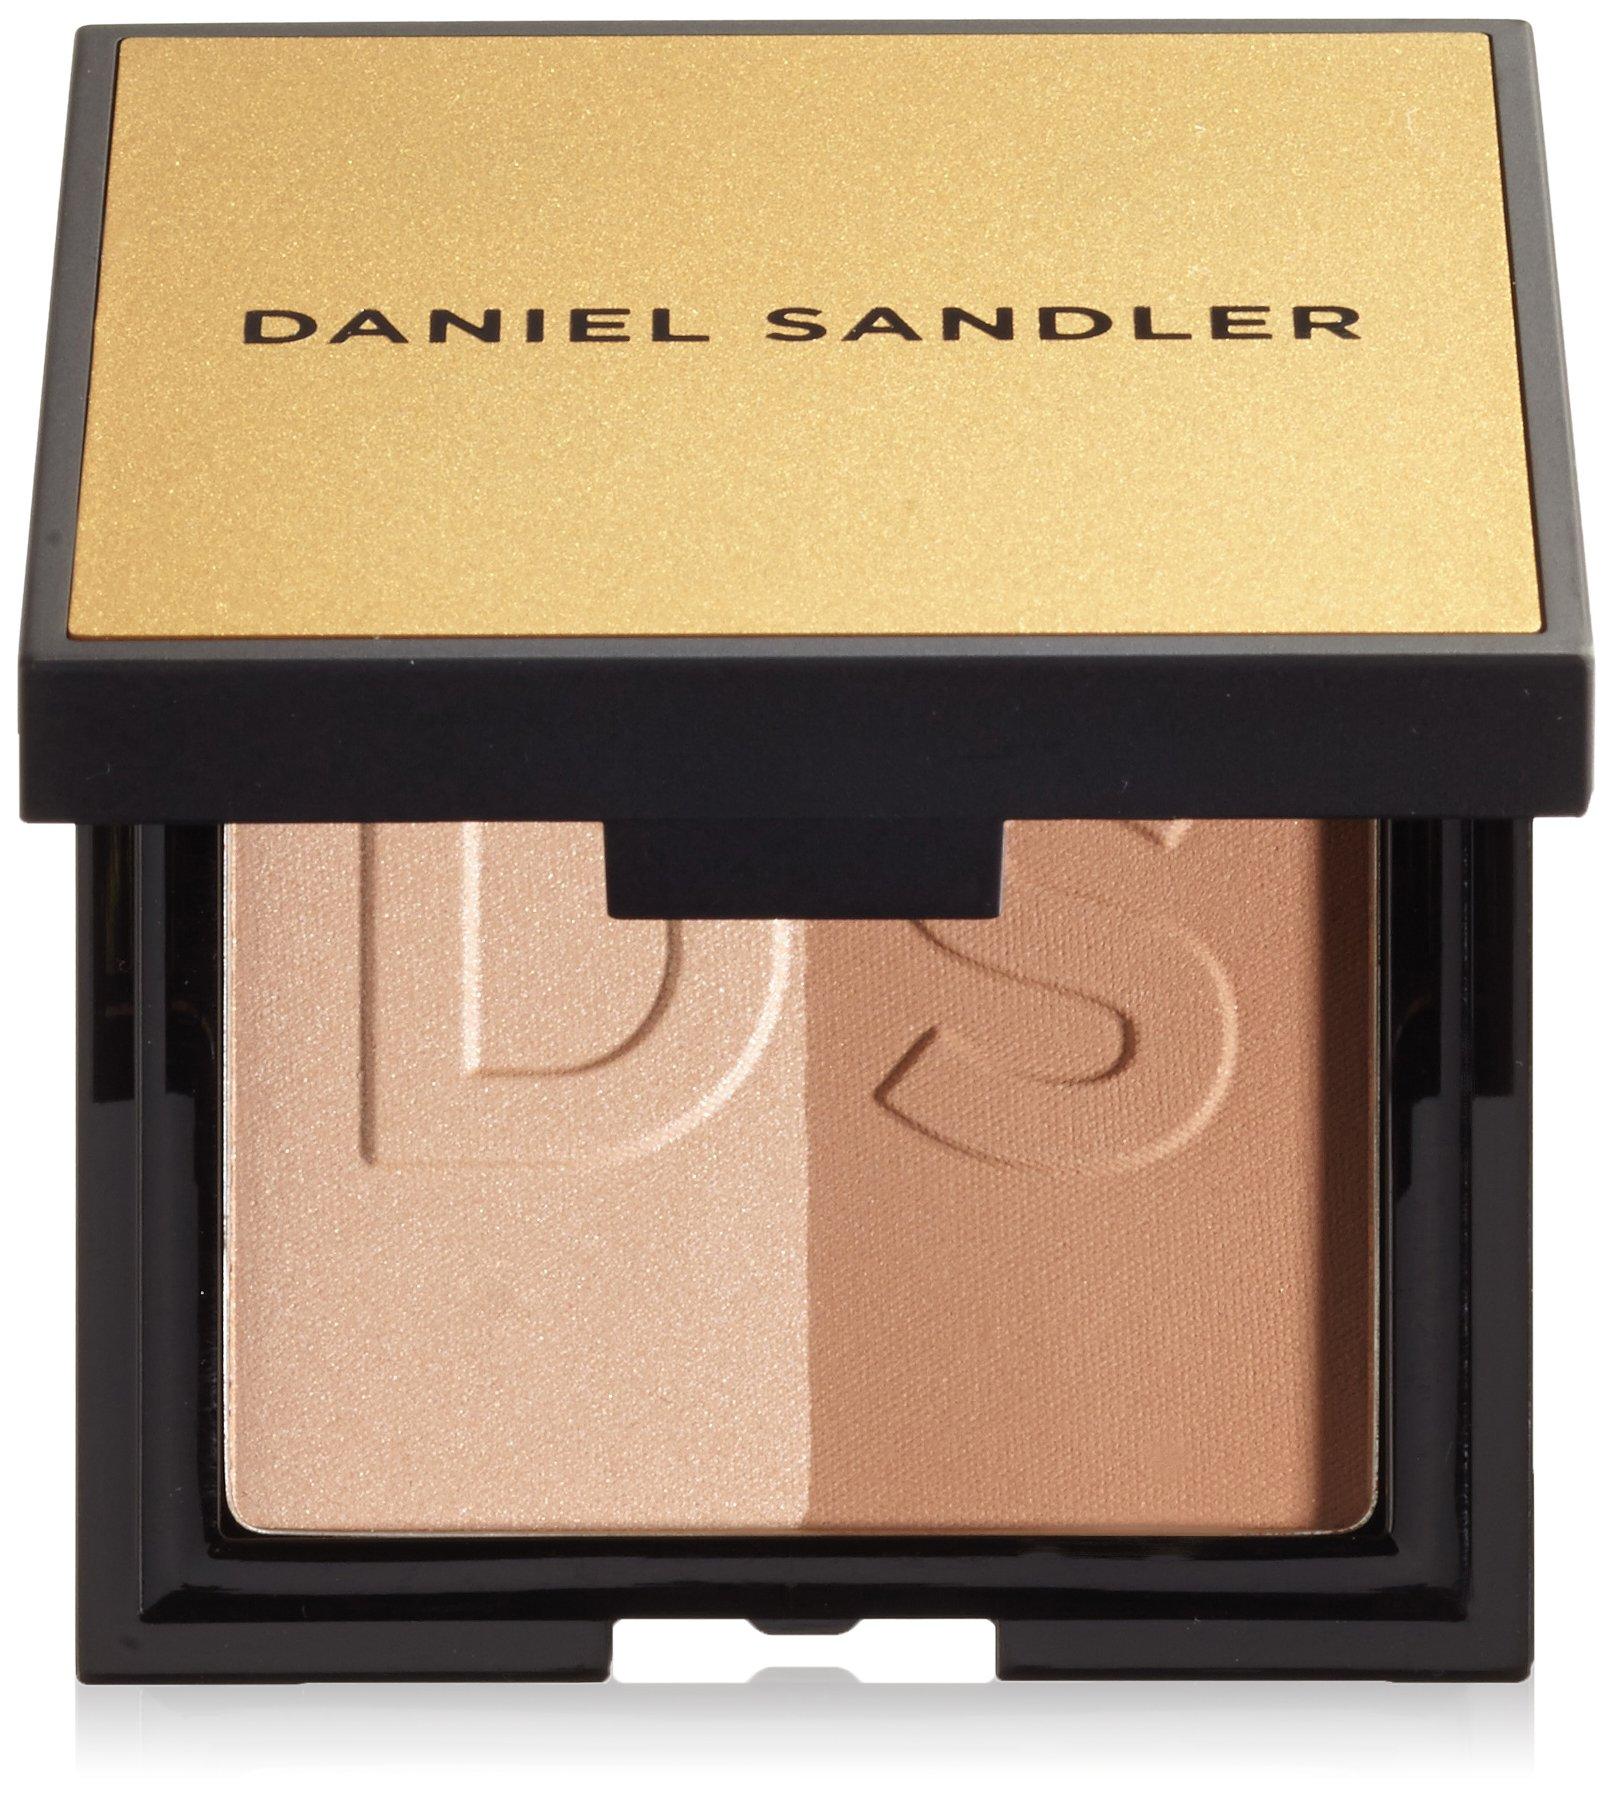 Daniel Sandler Sculpt and Slim-Effect Contour Face Powder 7g by Daniel Sandler